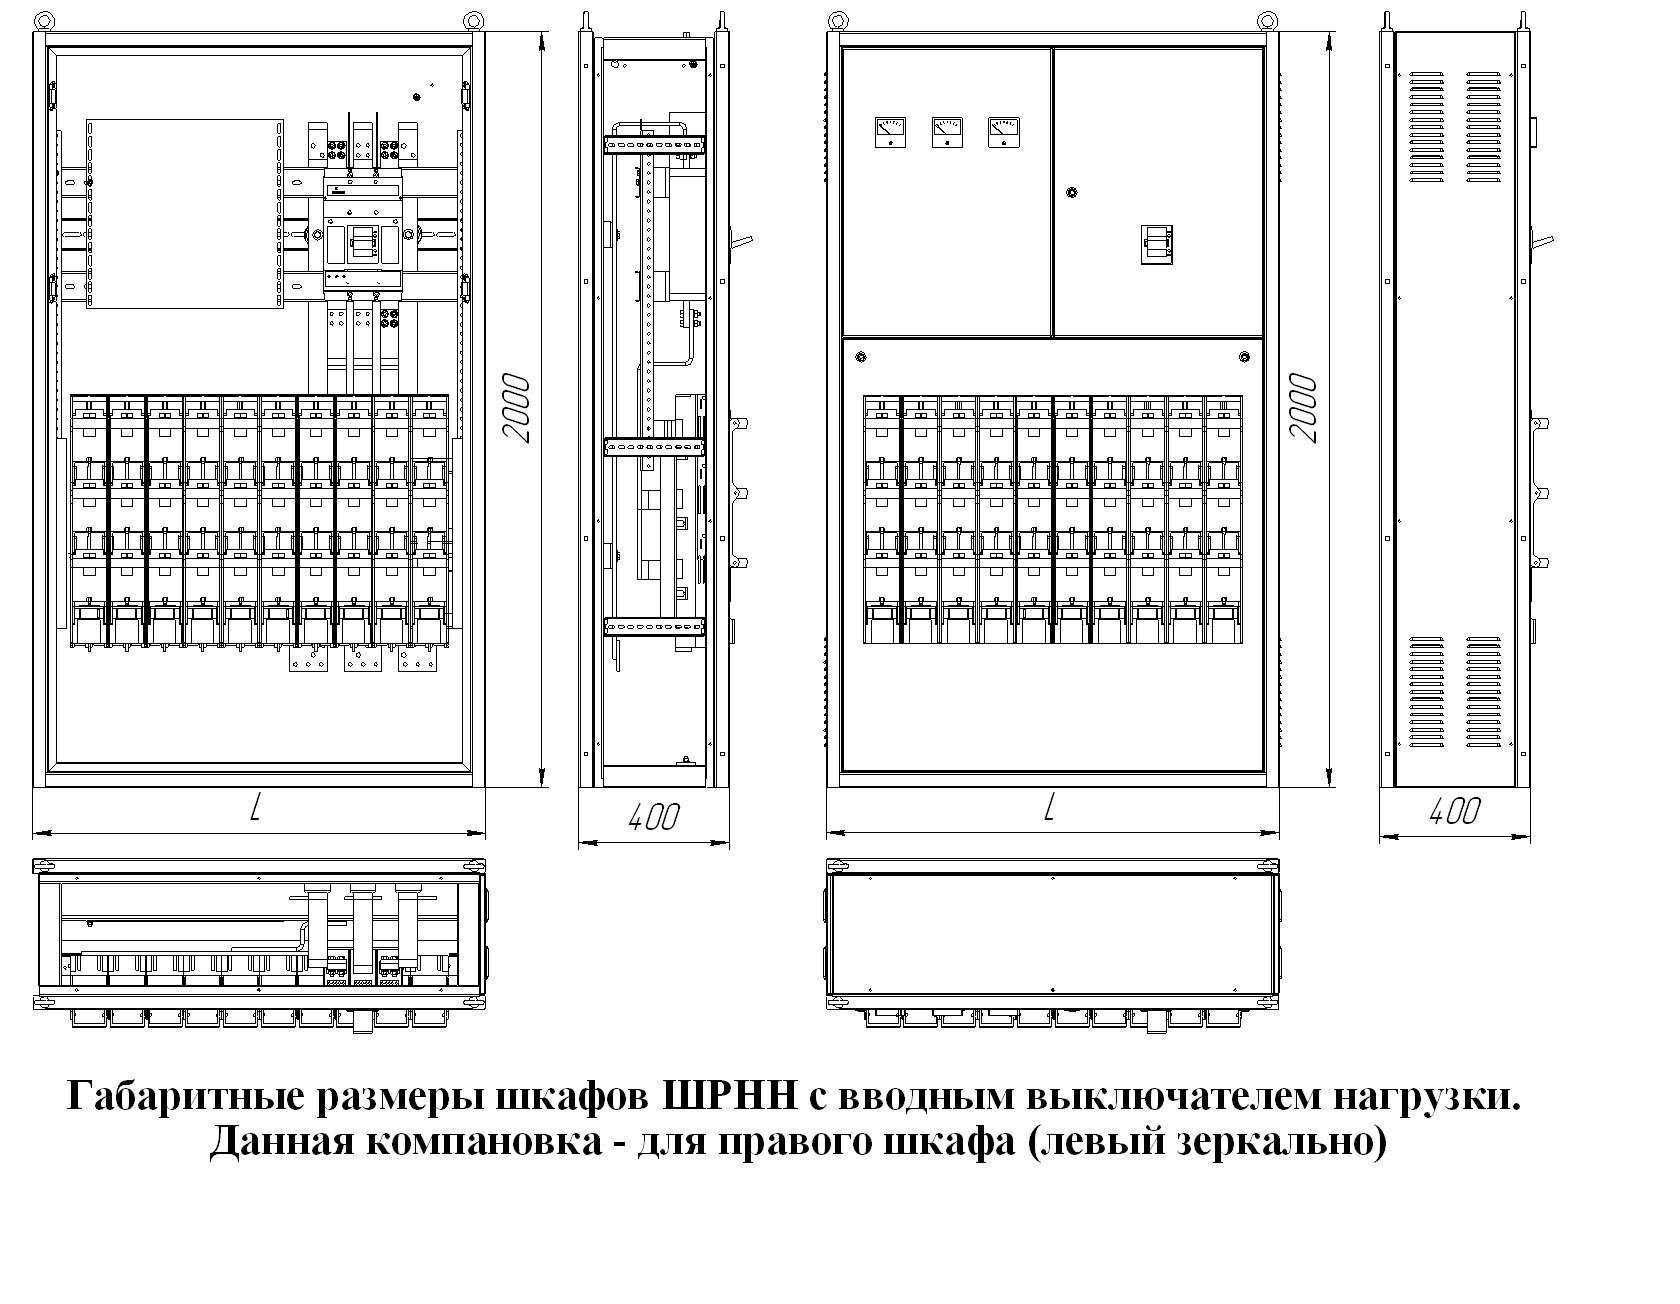 шкаф распределительный низкого напряжения - схема